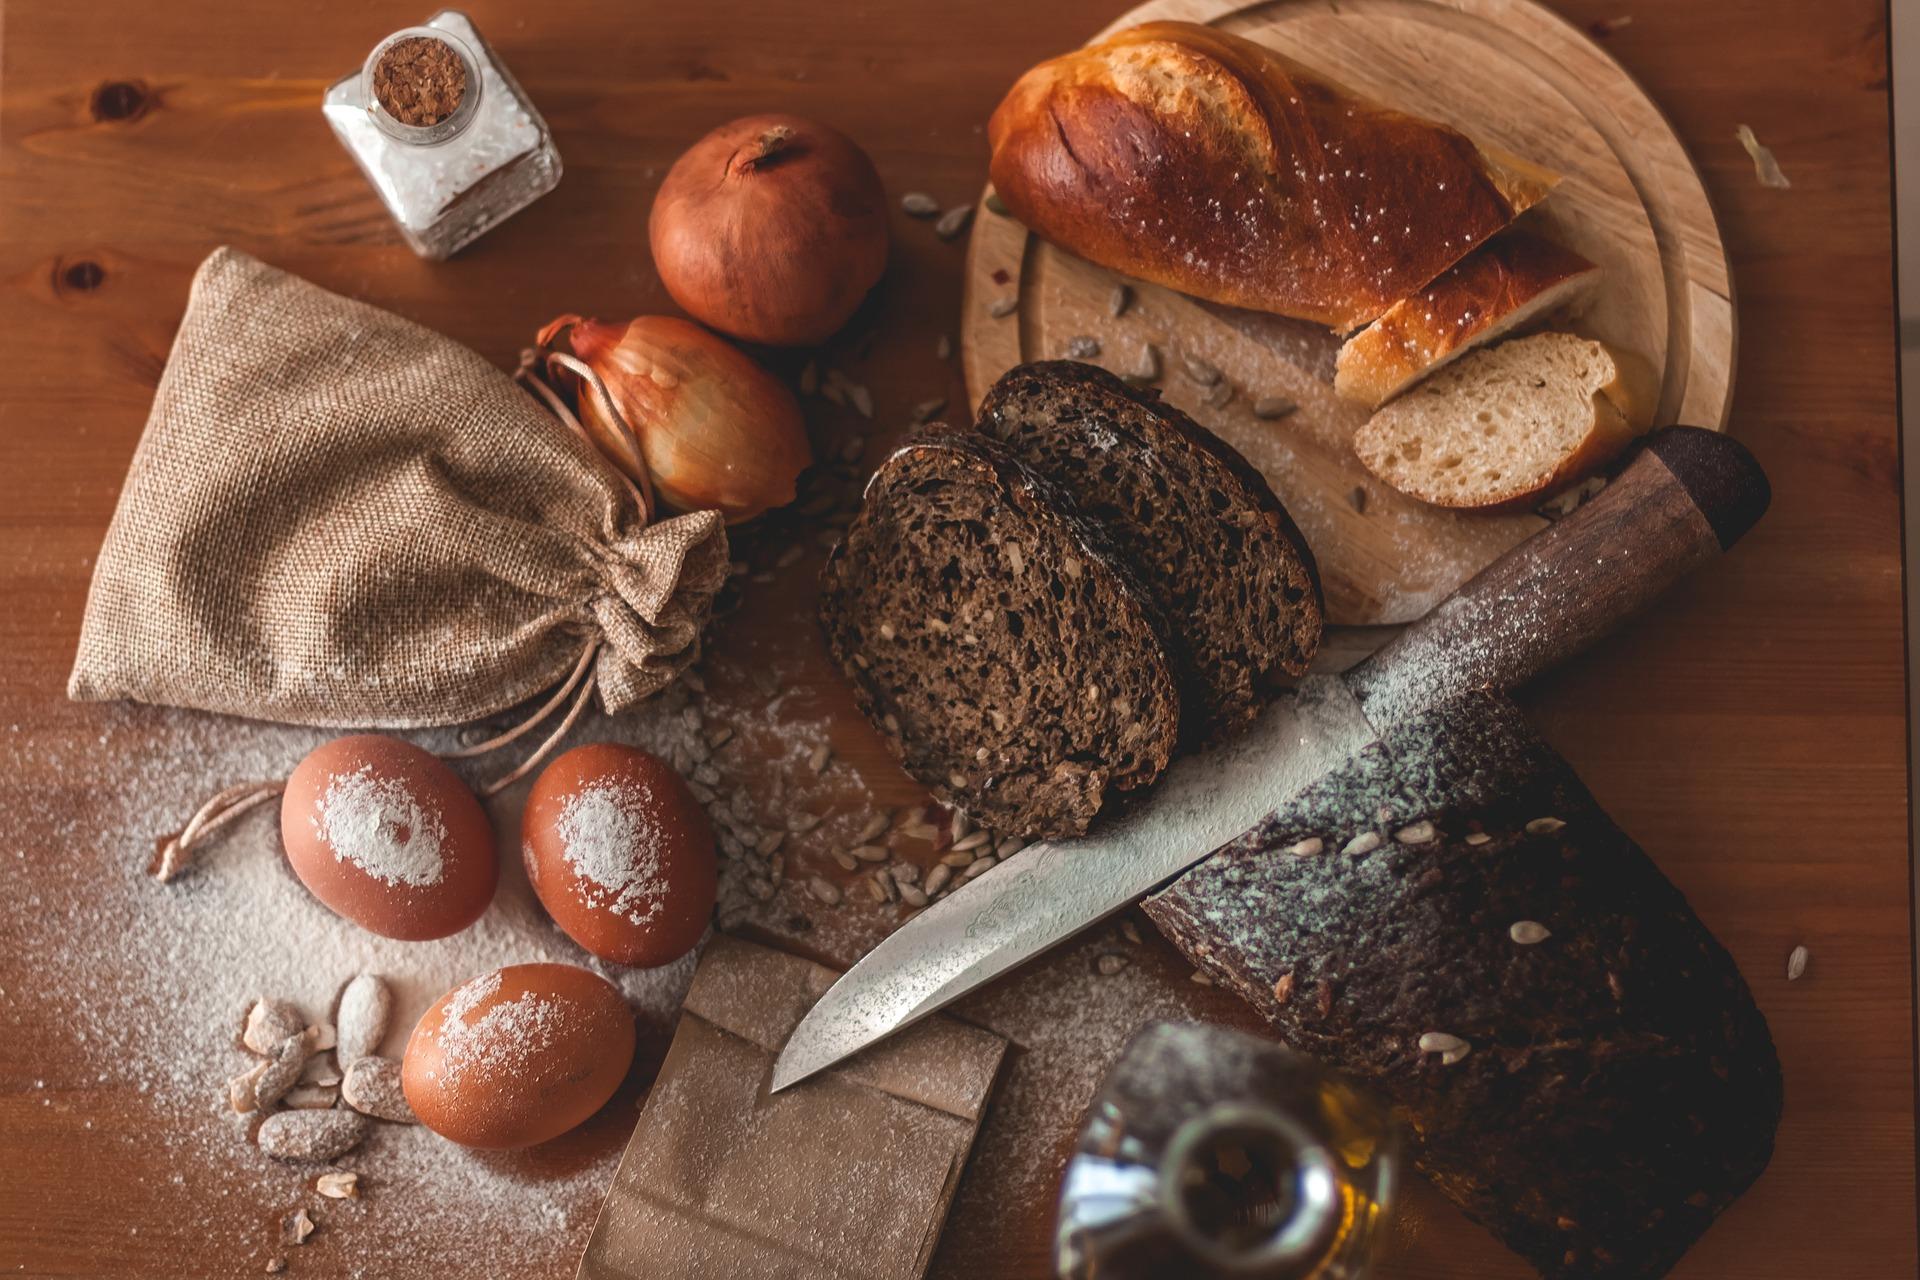 На Кіровоградщині через порушення норм пекарню оштрафували на 23,6 тис. гривень